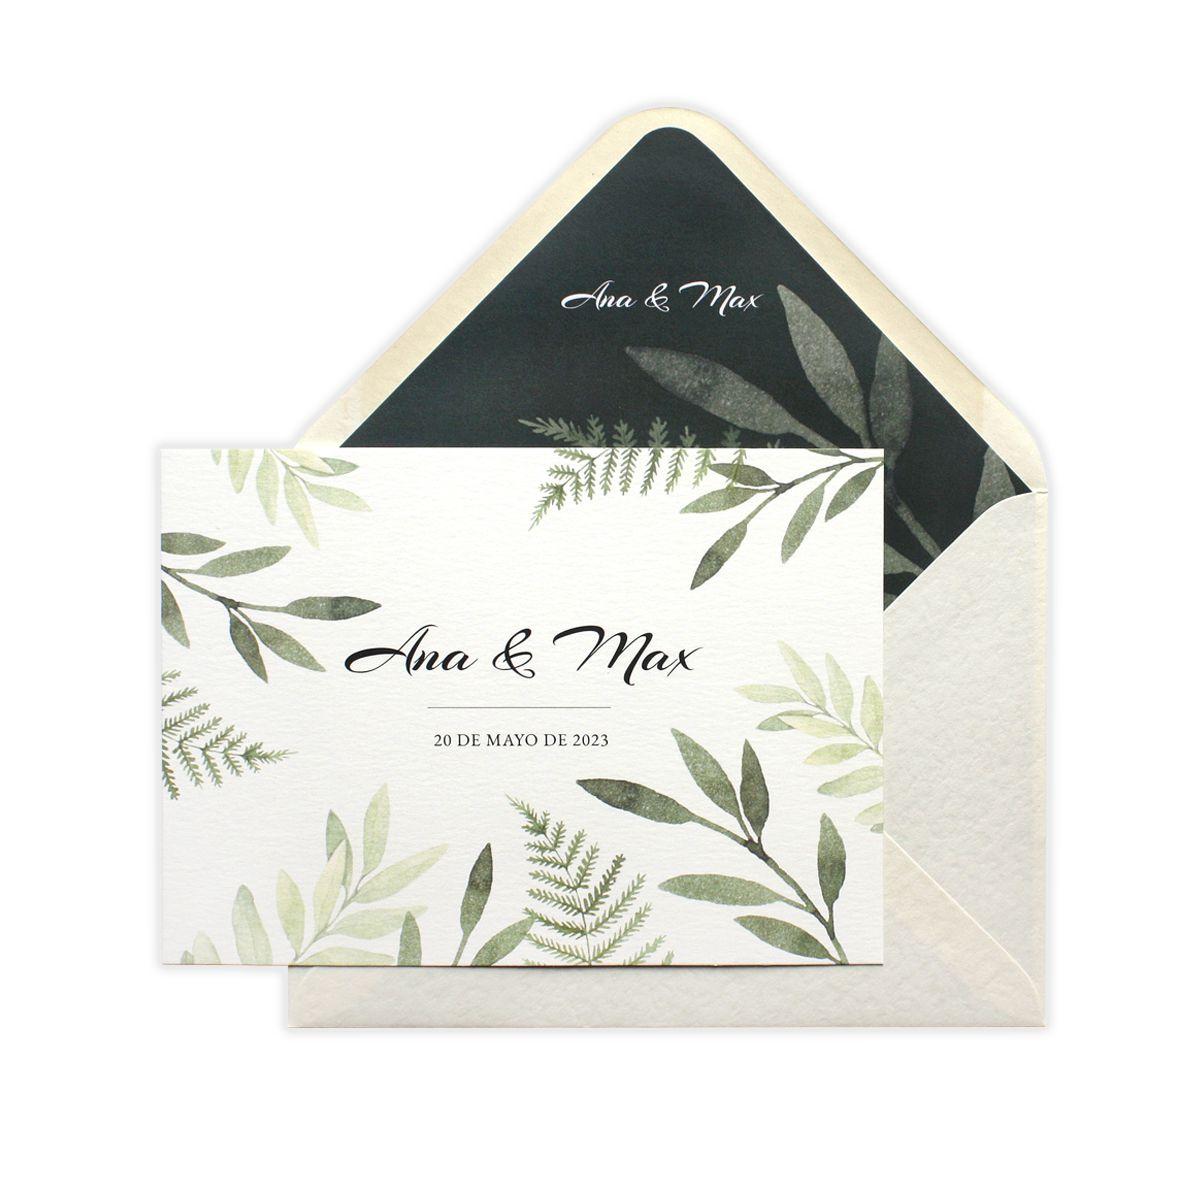 Invitación boda Aina